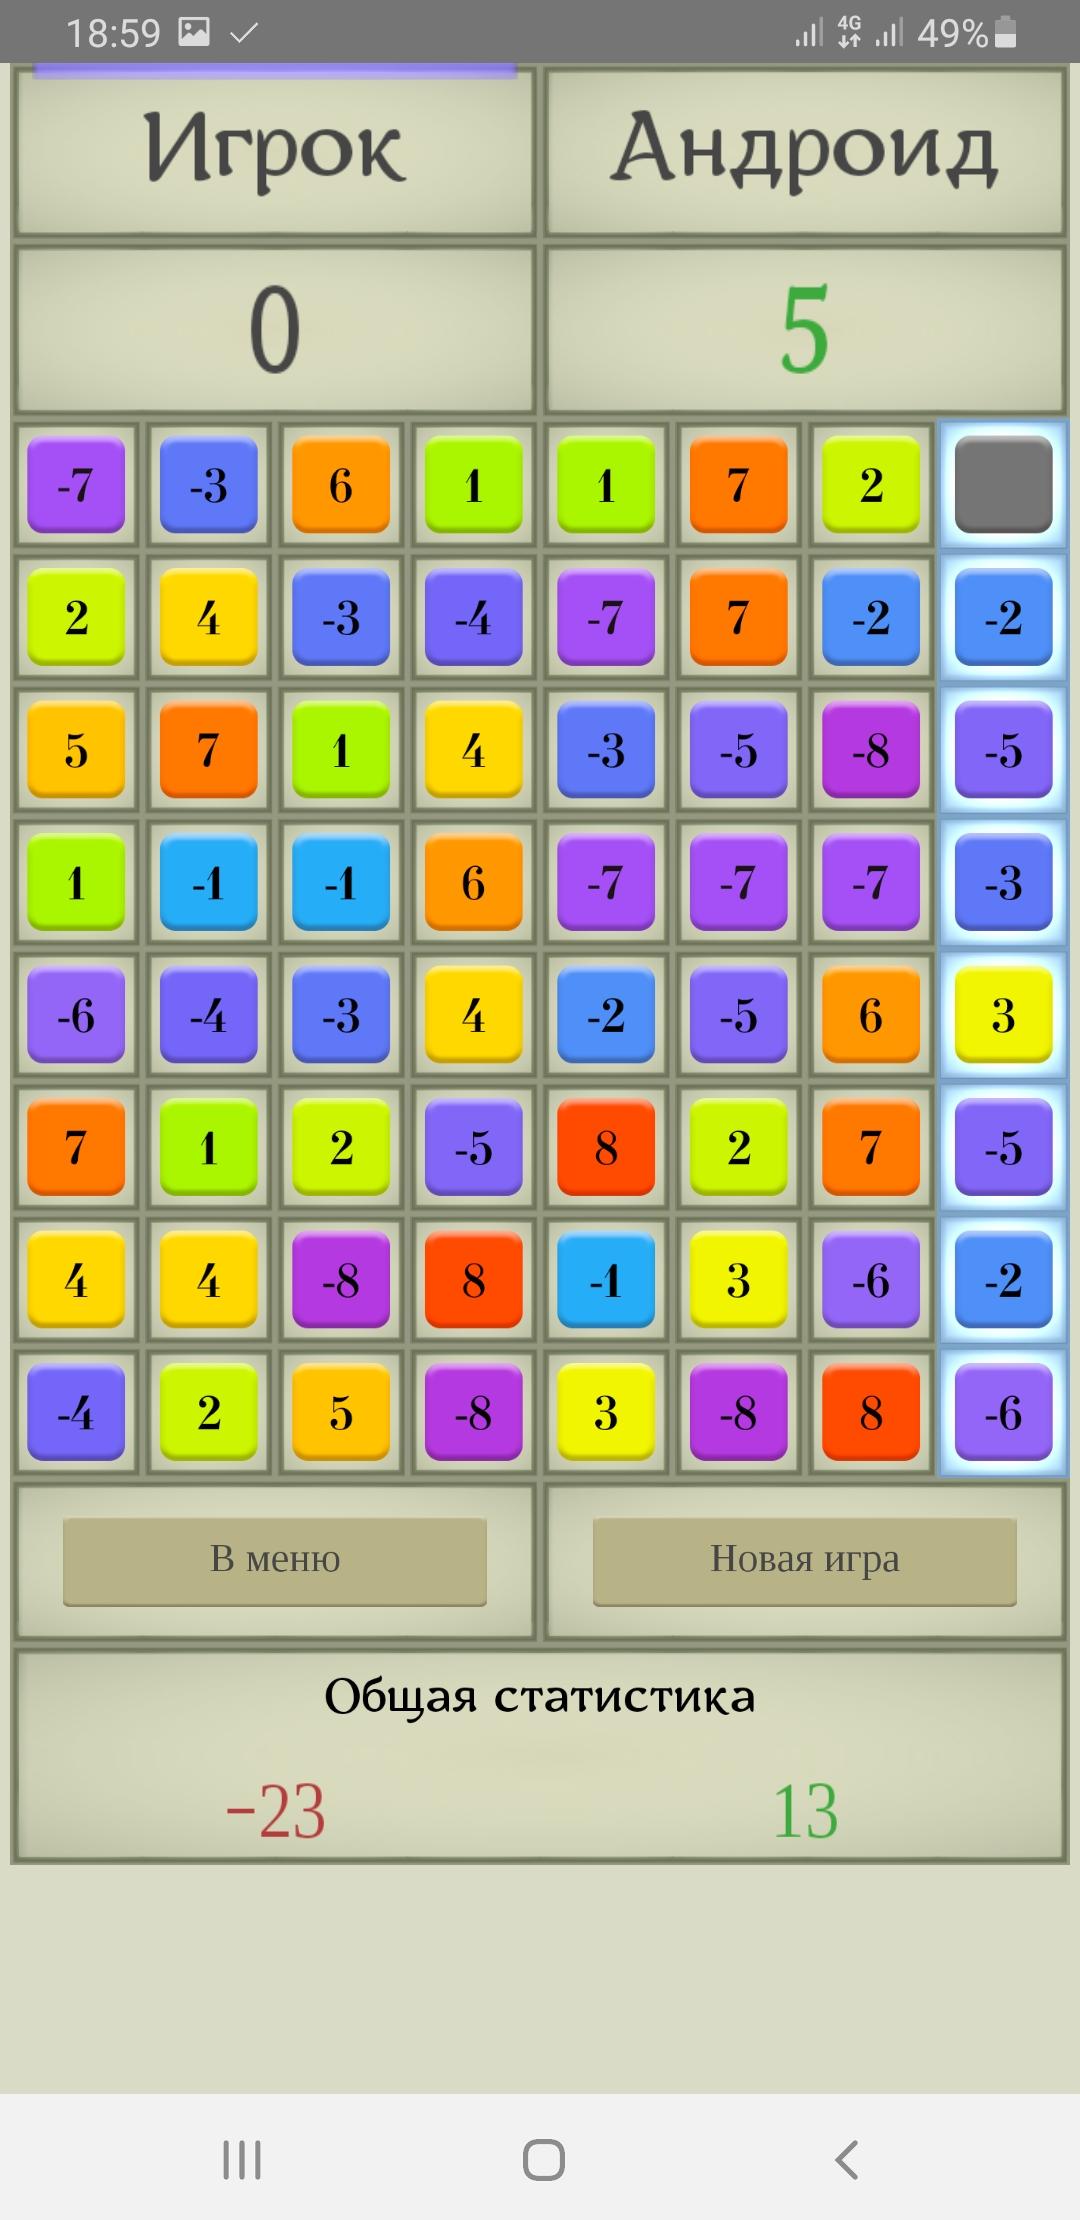 Screenshot_20200723-185947_Max Sum | [Android]Максимальный результат (головоломка).